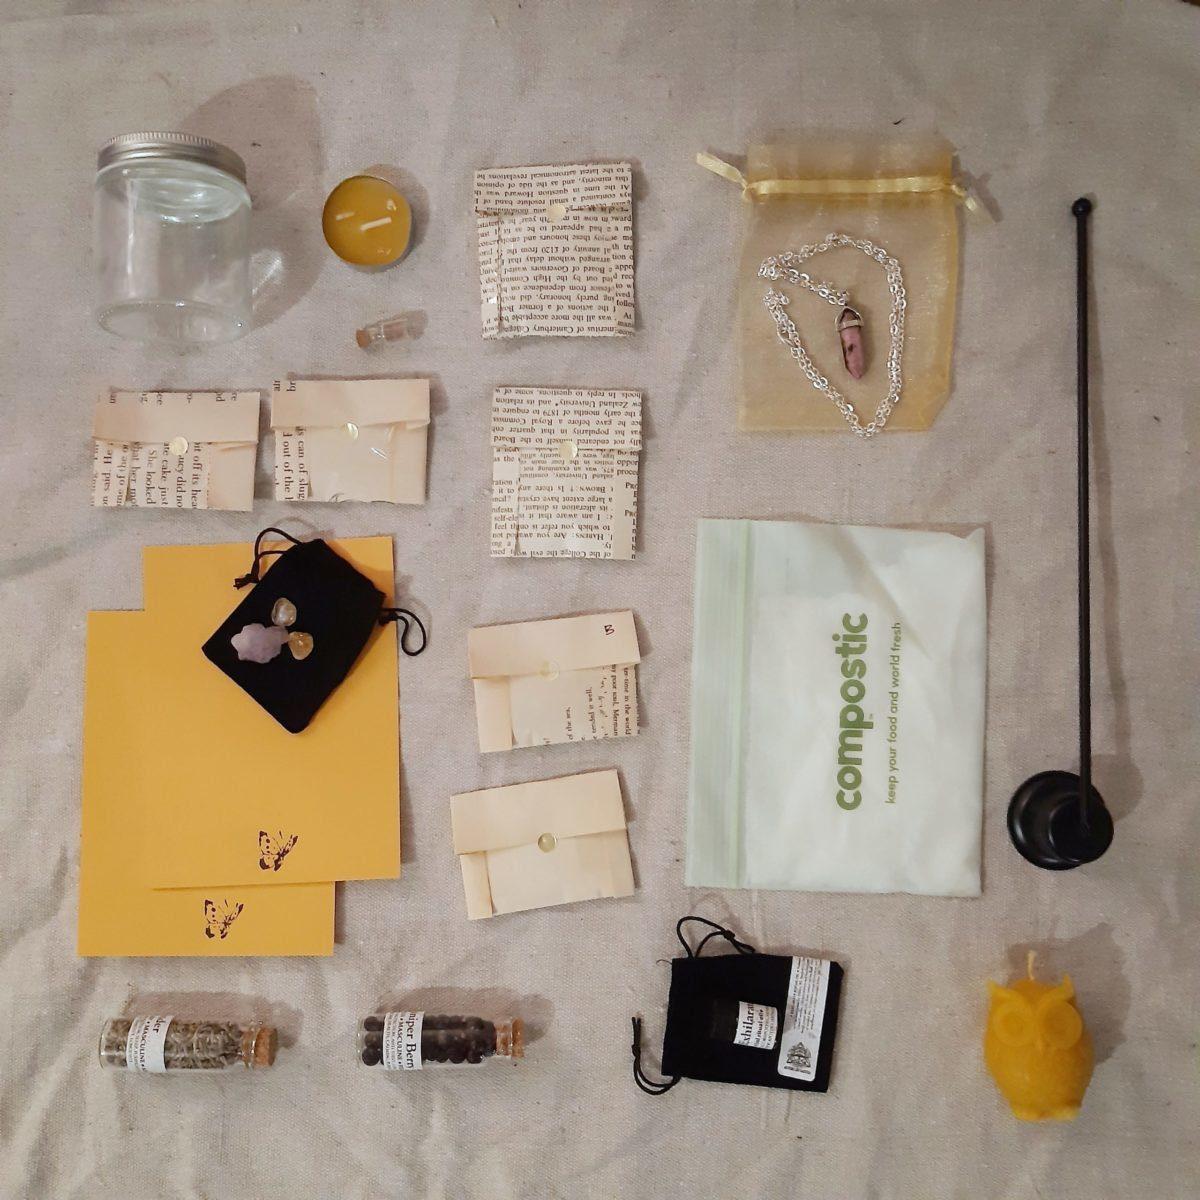 apothecary Magicka magick box january 21 flat lay